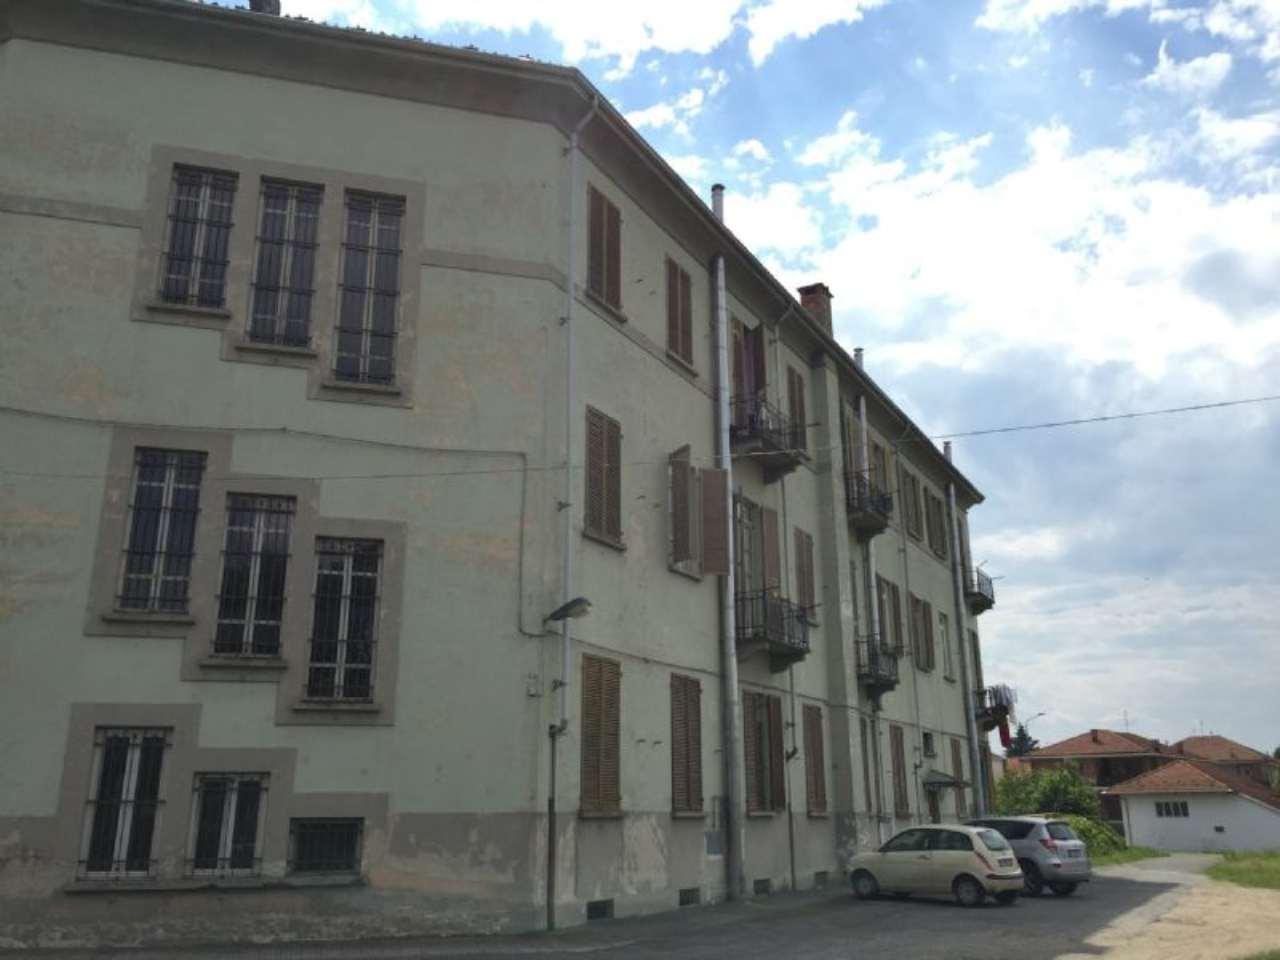 Appartamento in vendita a Carignano, 3 locali, prezzo € 45.000 | CambioCasa.it